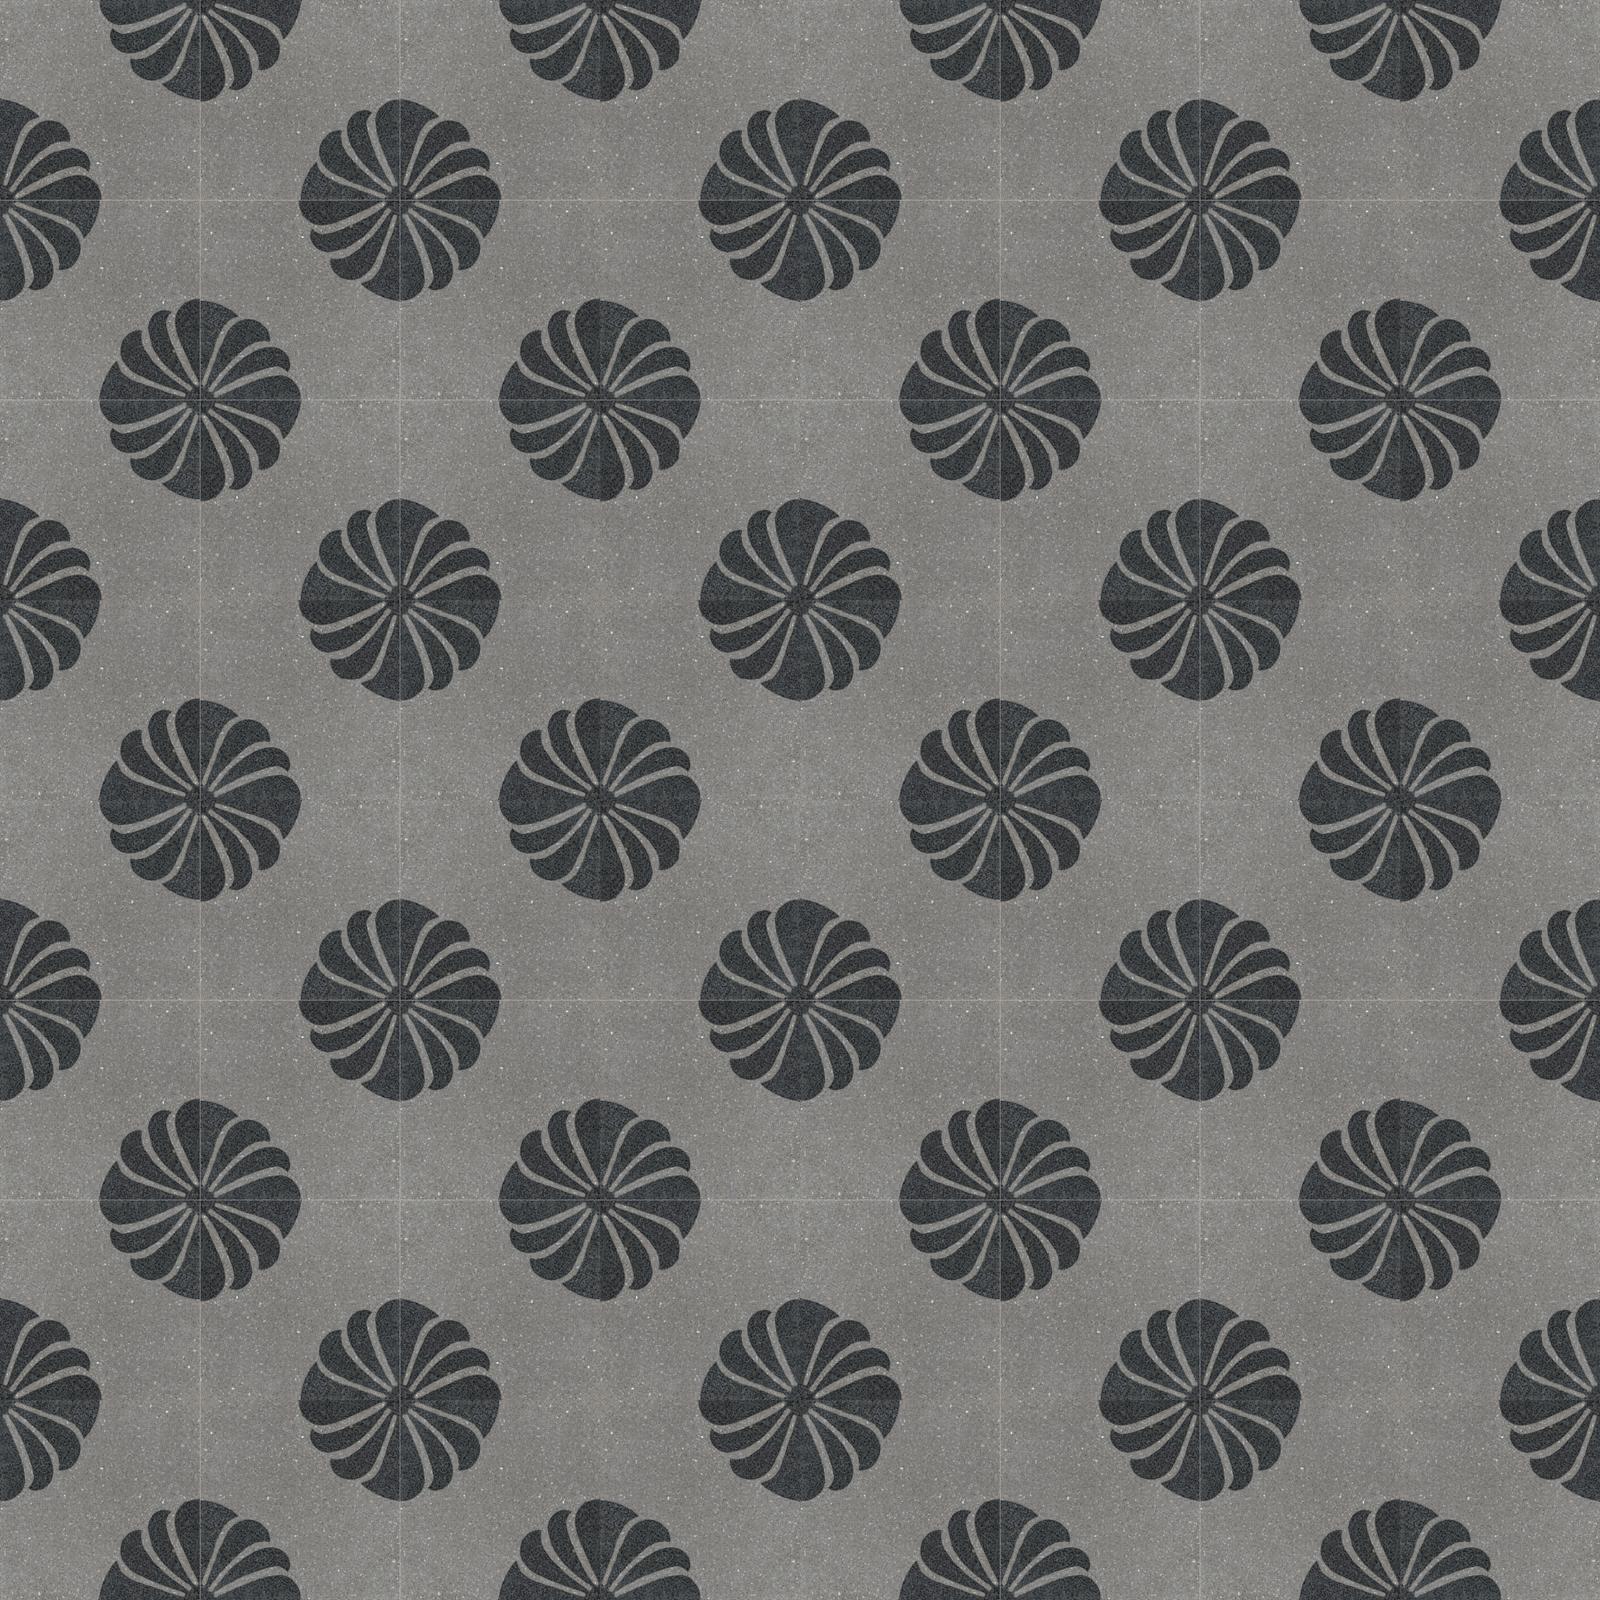 VIA Terrazzofliese mit floralem Muster in schwarz auf grauem Grund